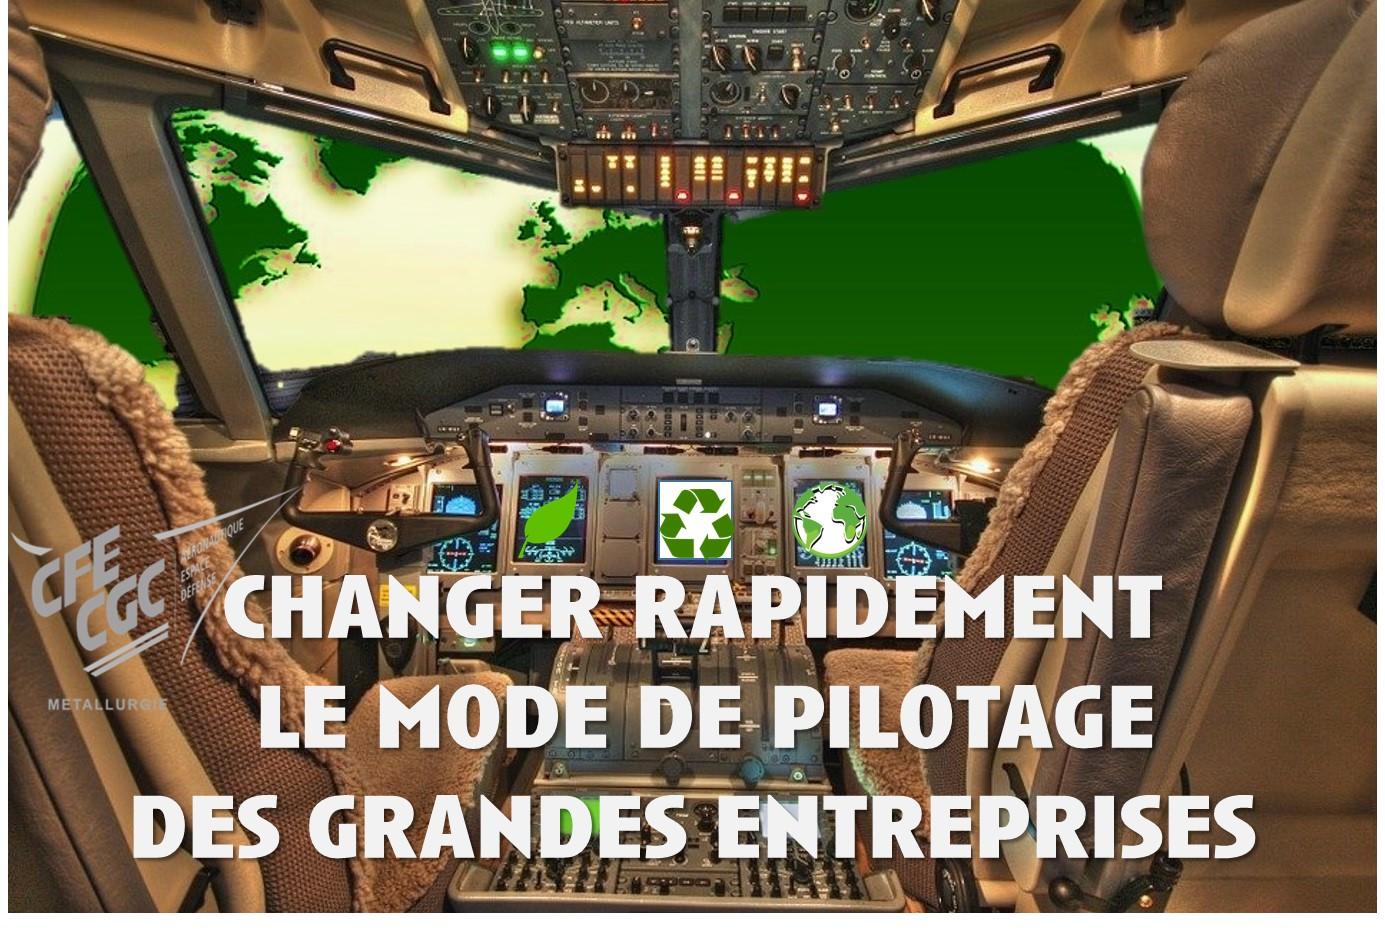 Changer rapidement le mode de pilotage des grandes entreprises.